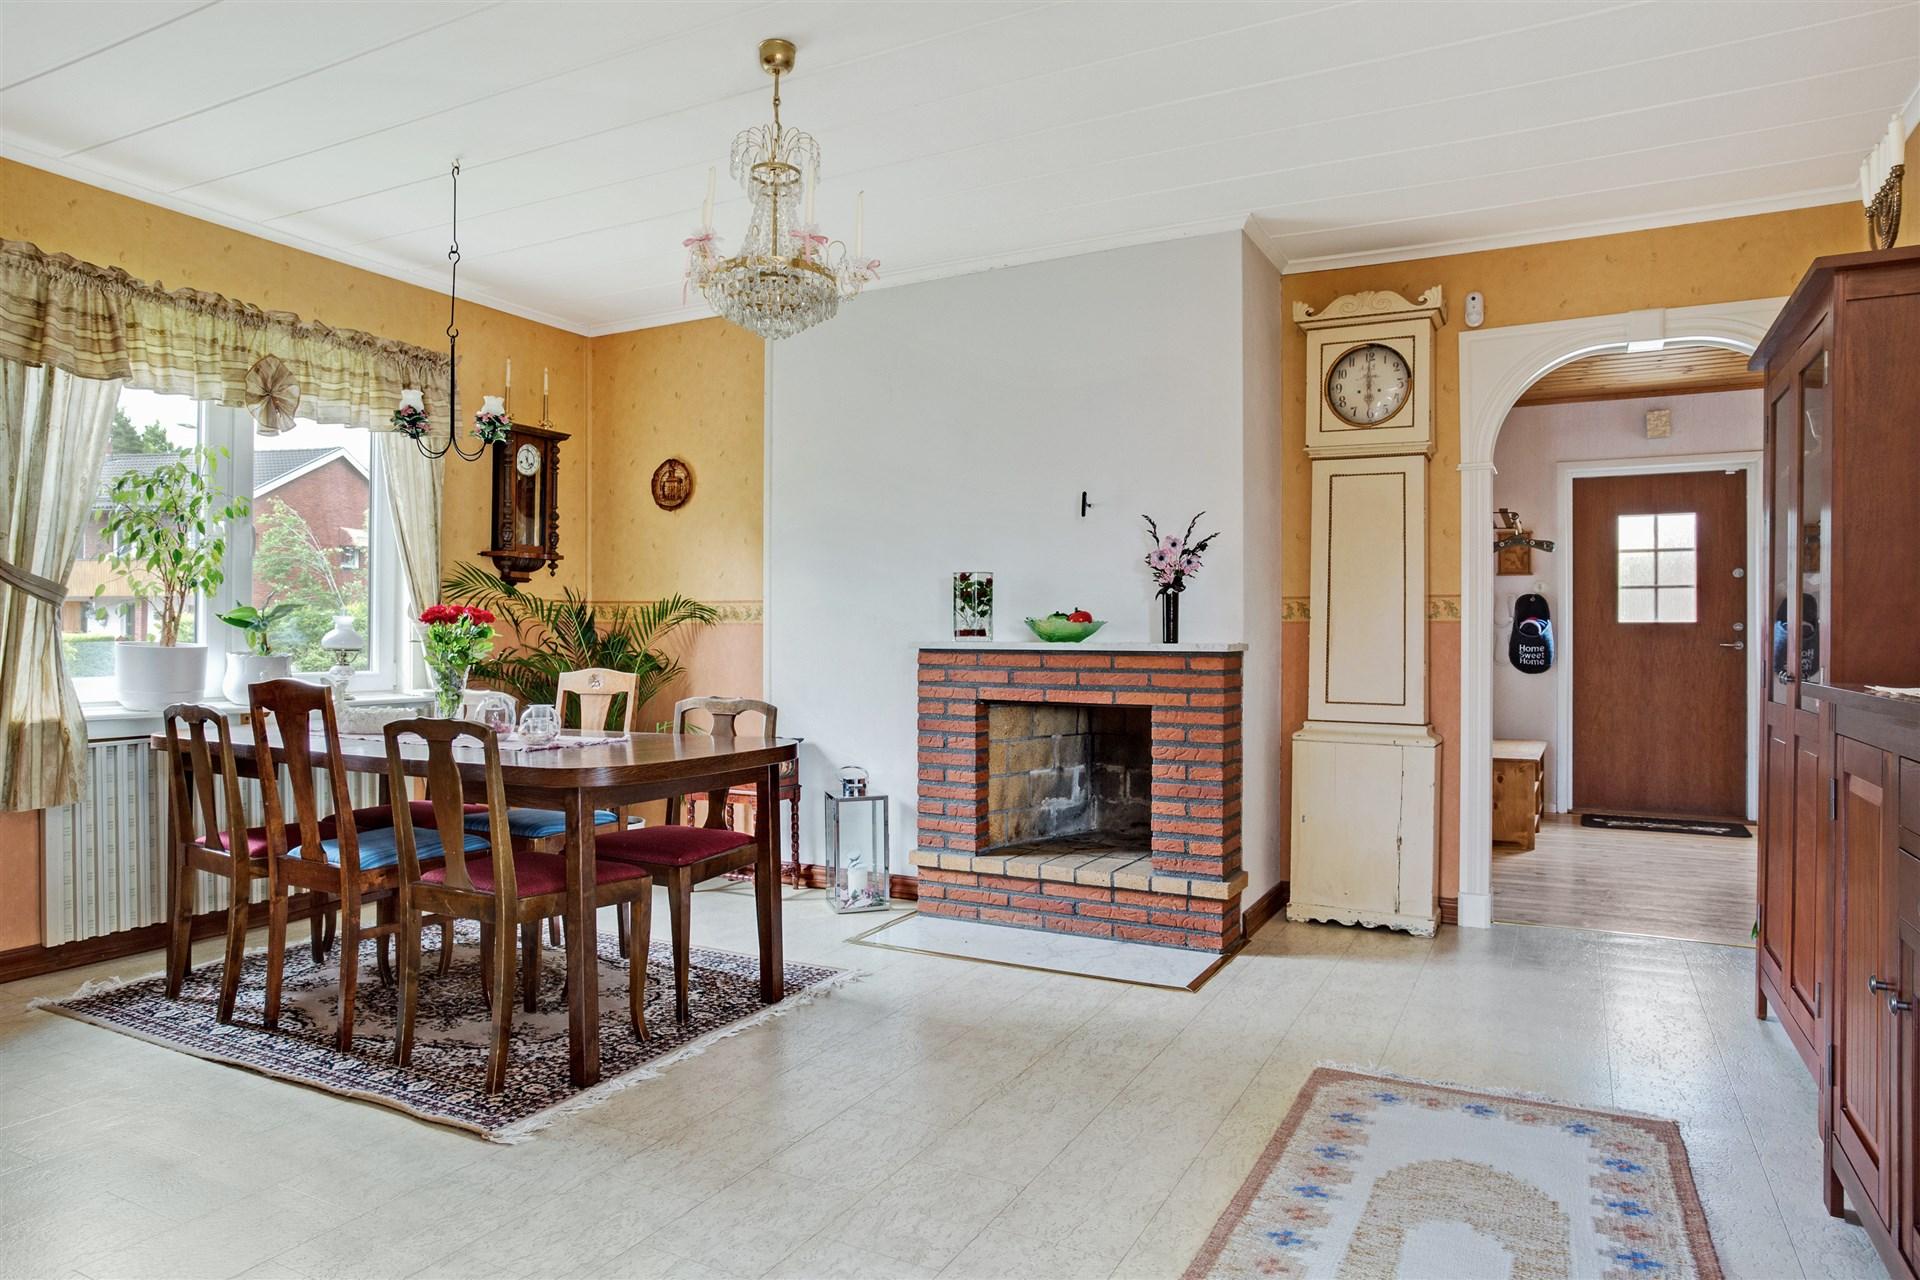 Vardagsrum med öppen spis och portal mot hallen.